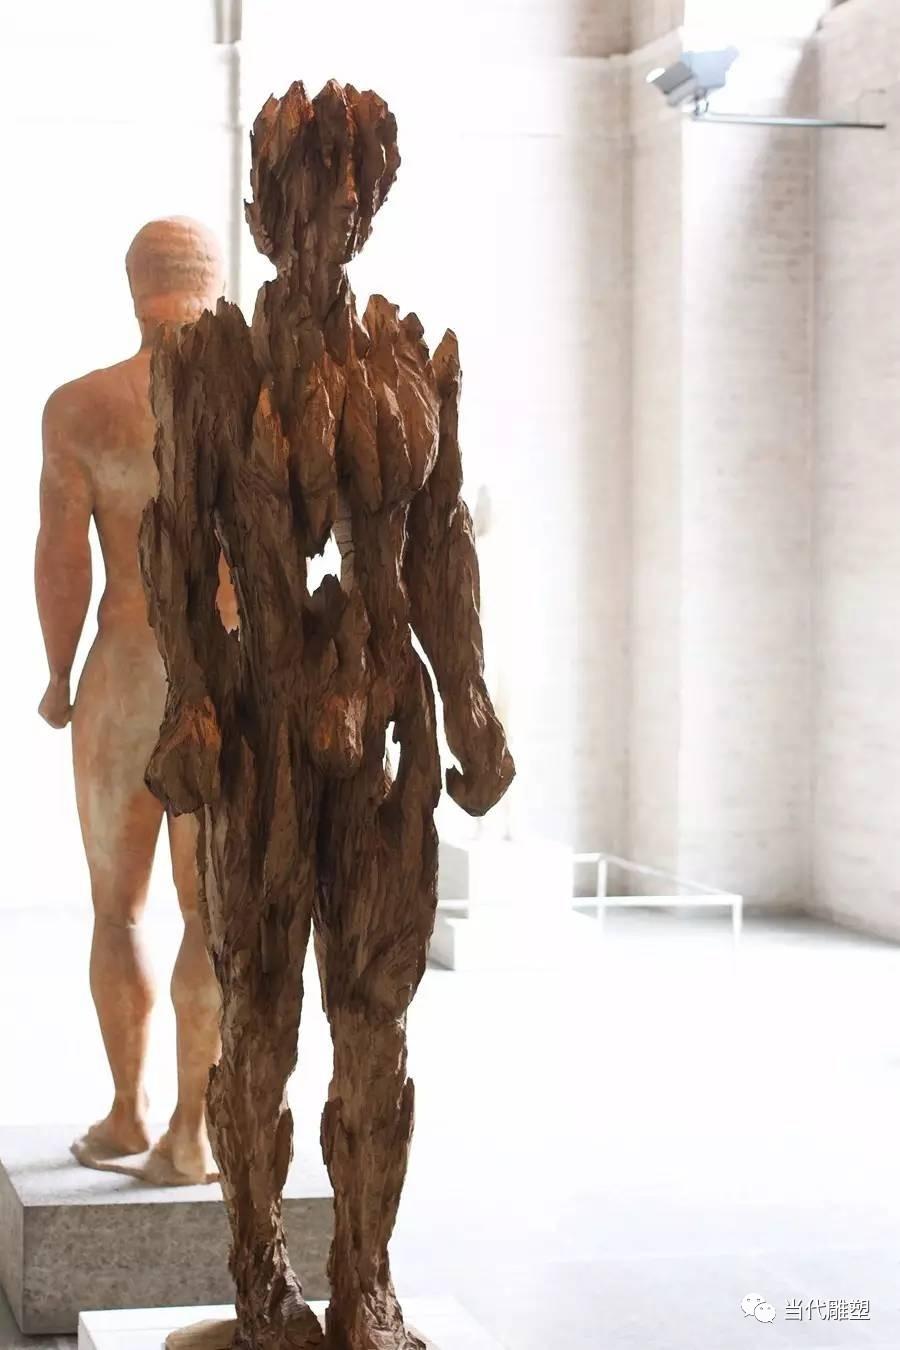 男性木材抽象人体雕塑